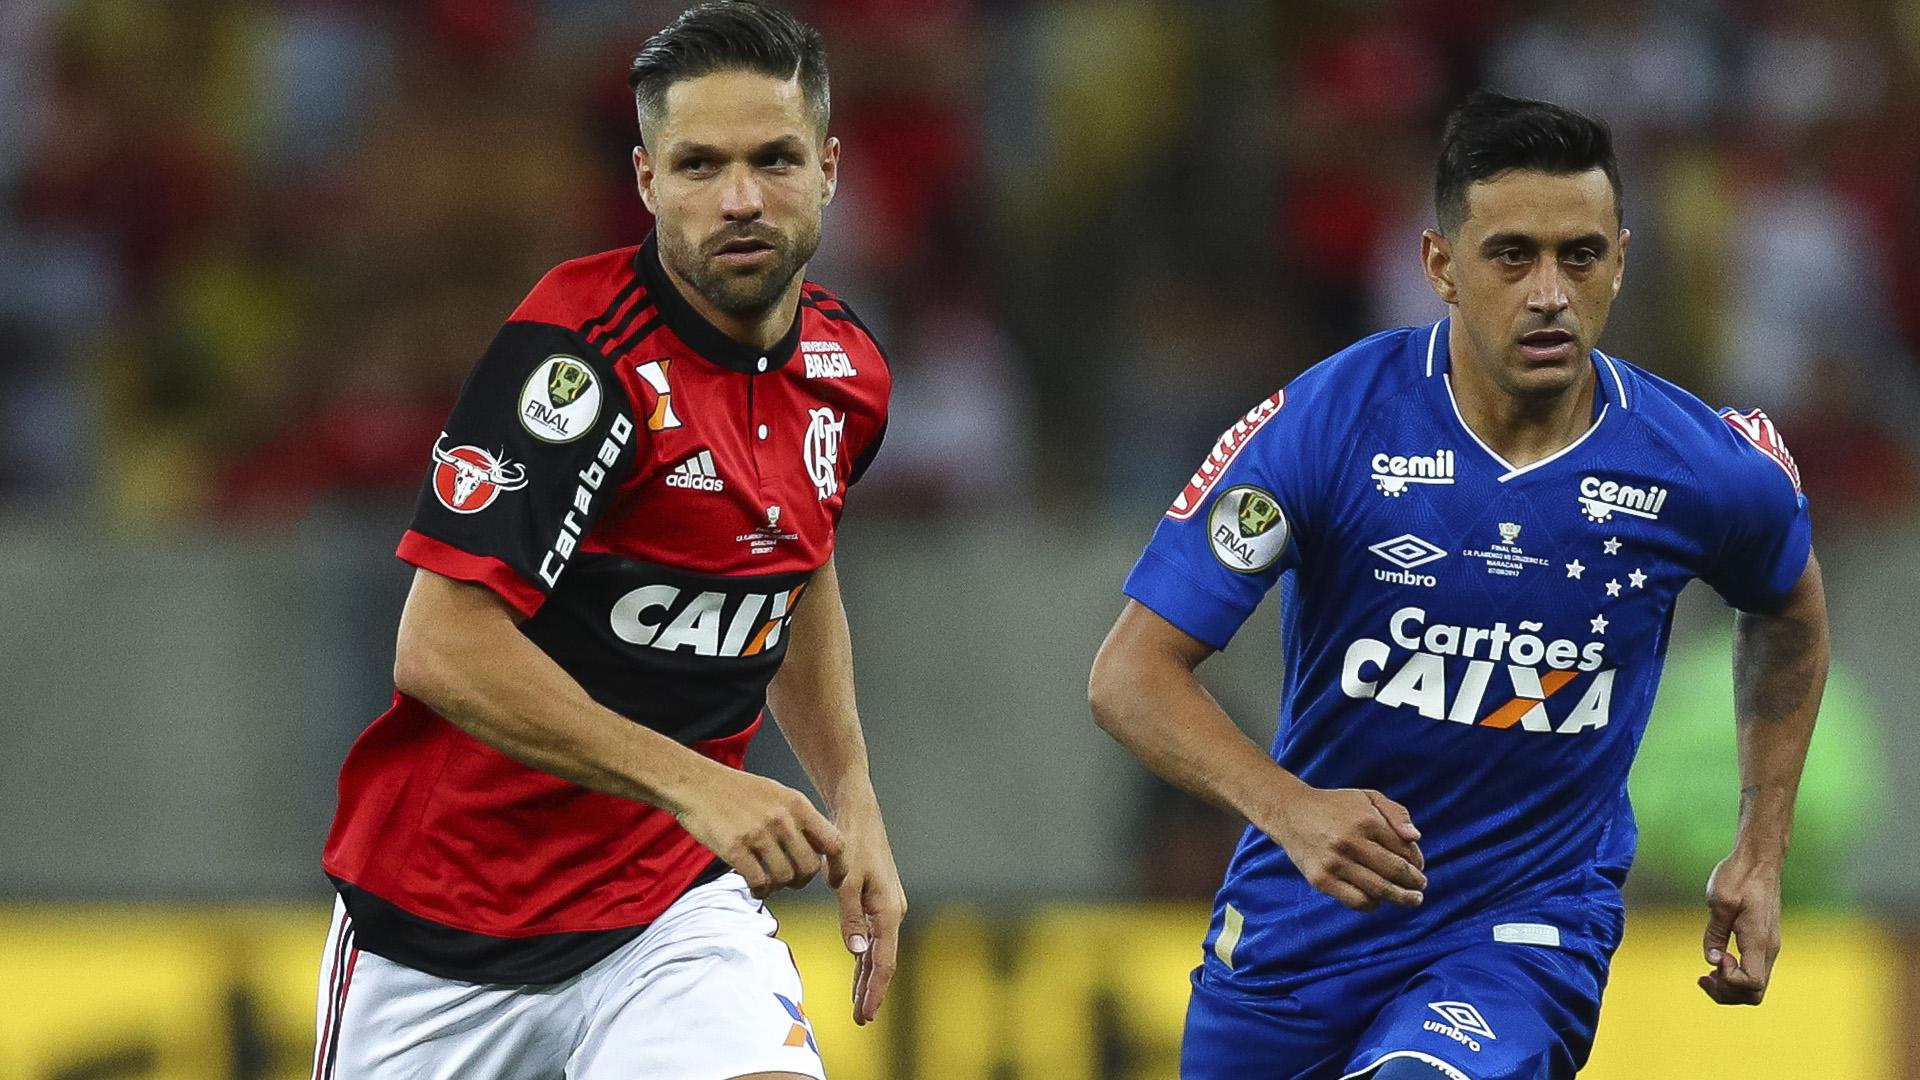 Diego Flamengo x Cruzeiro Copa do Brasil 07 09 17